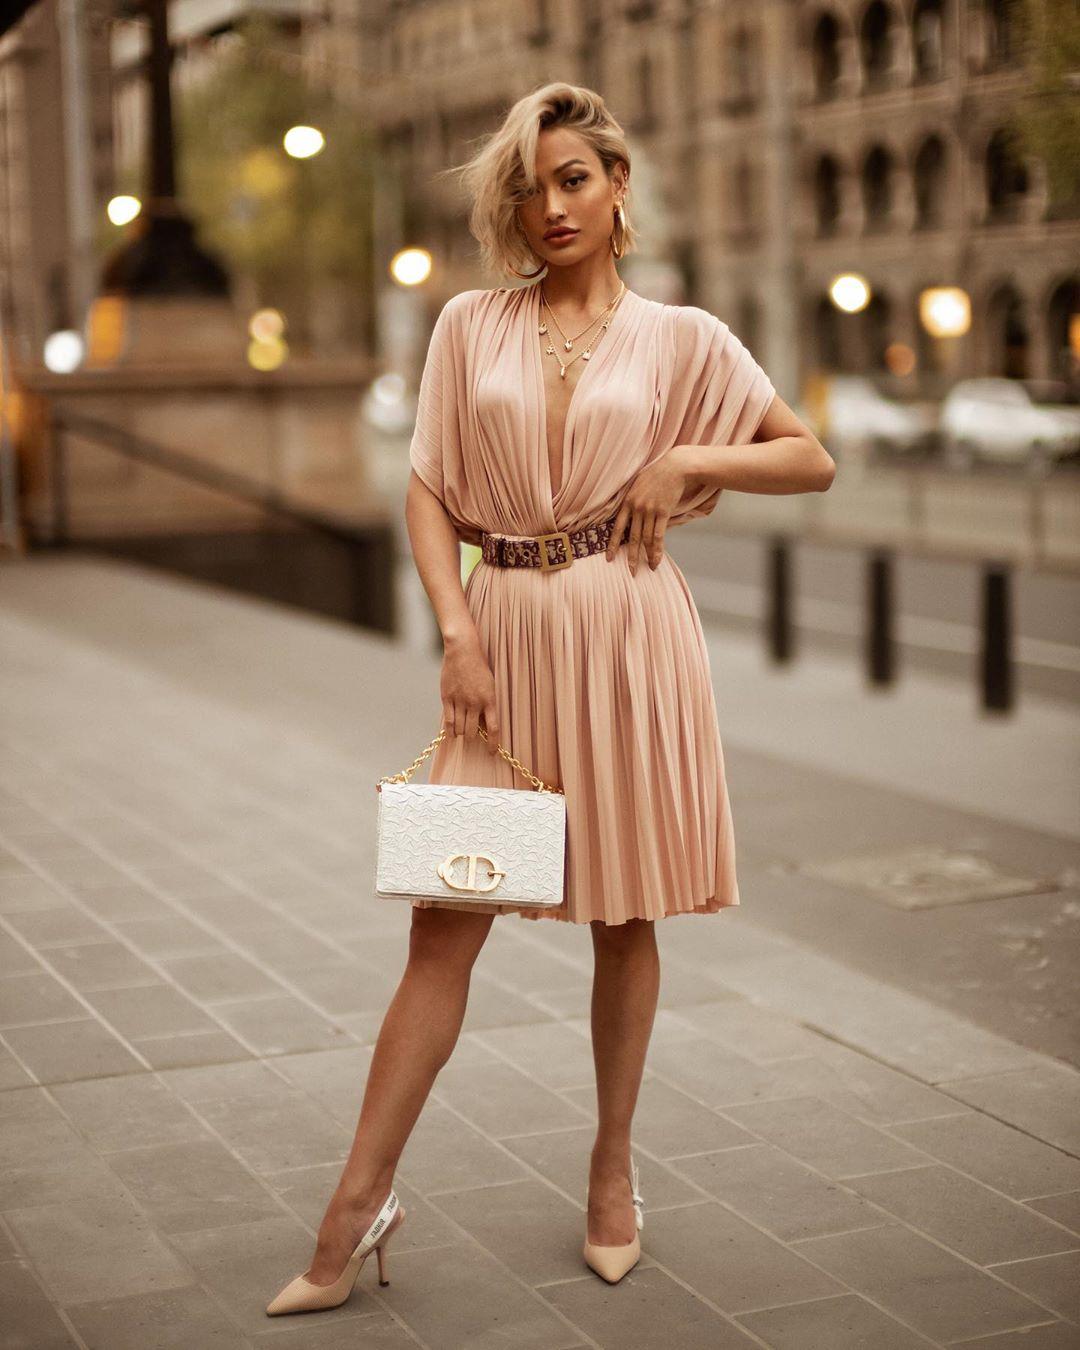 цельнокроеное платье фото 4